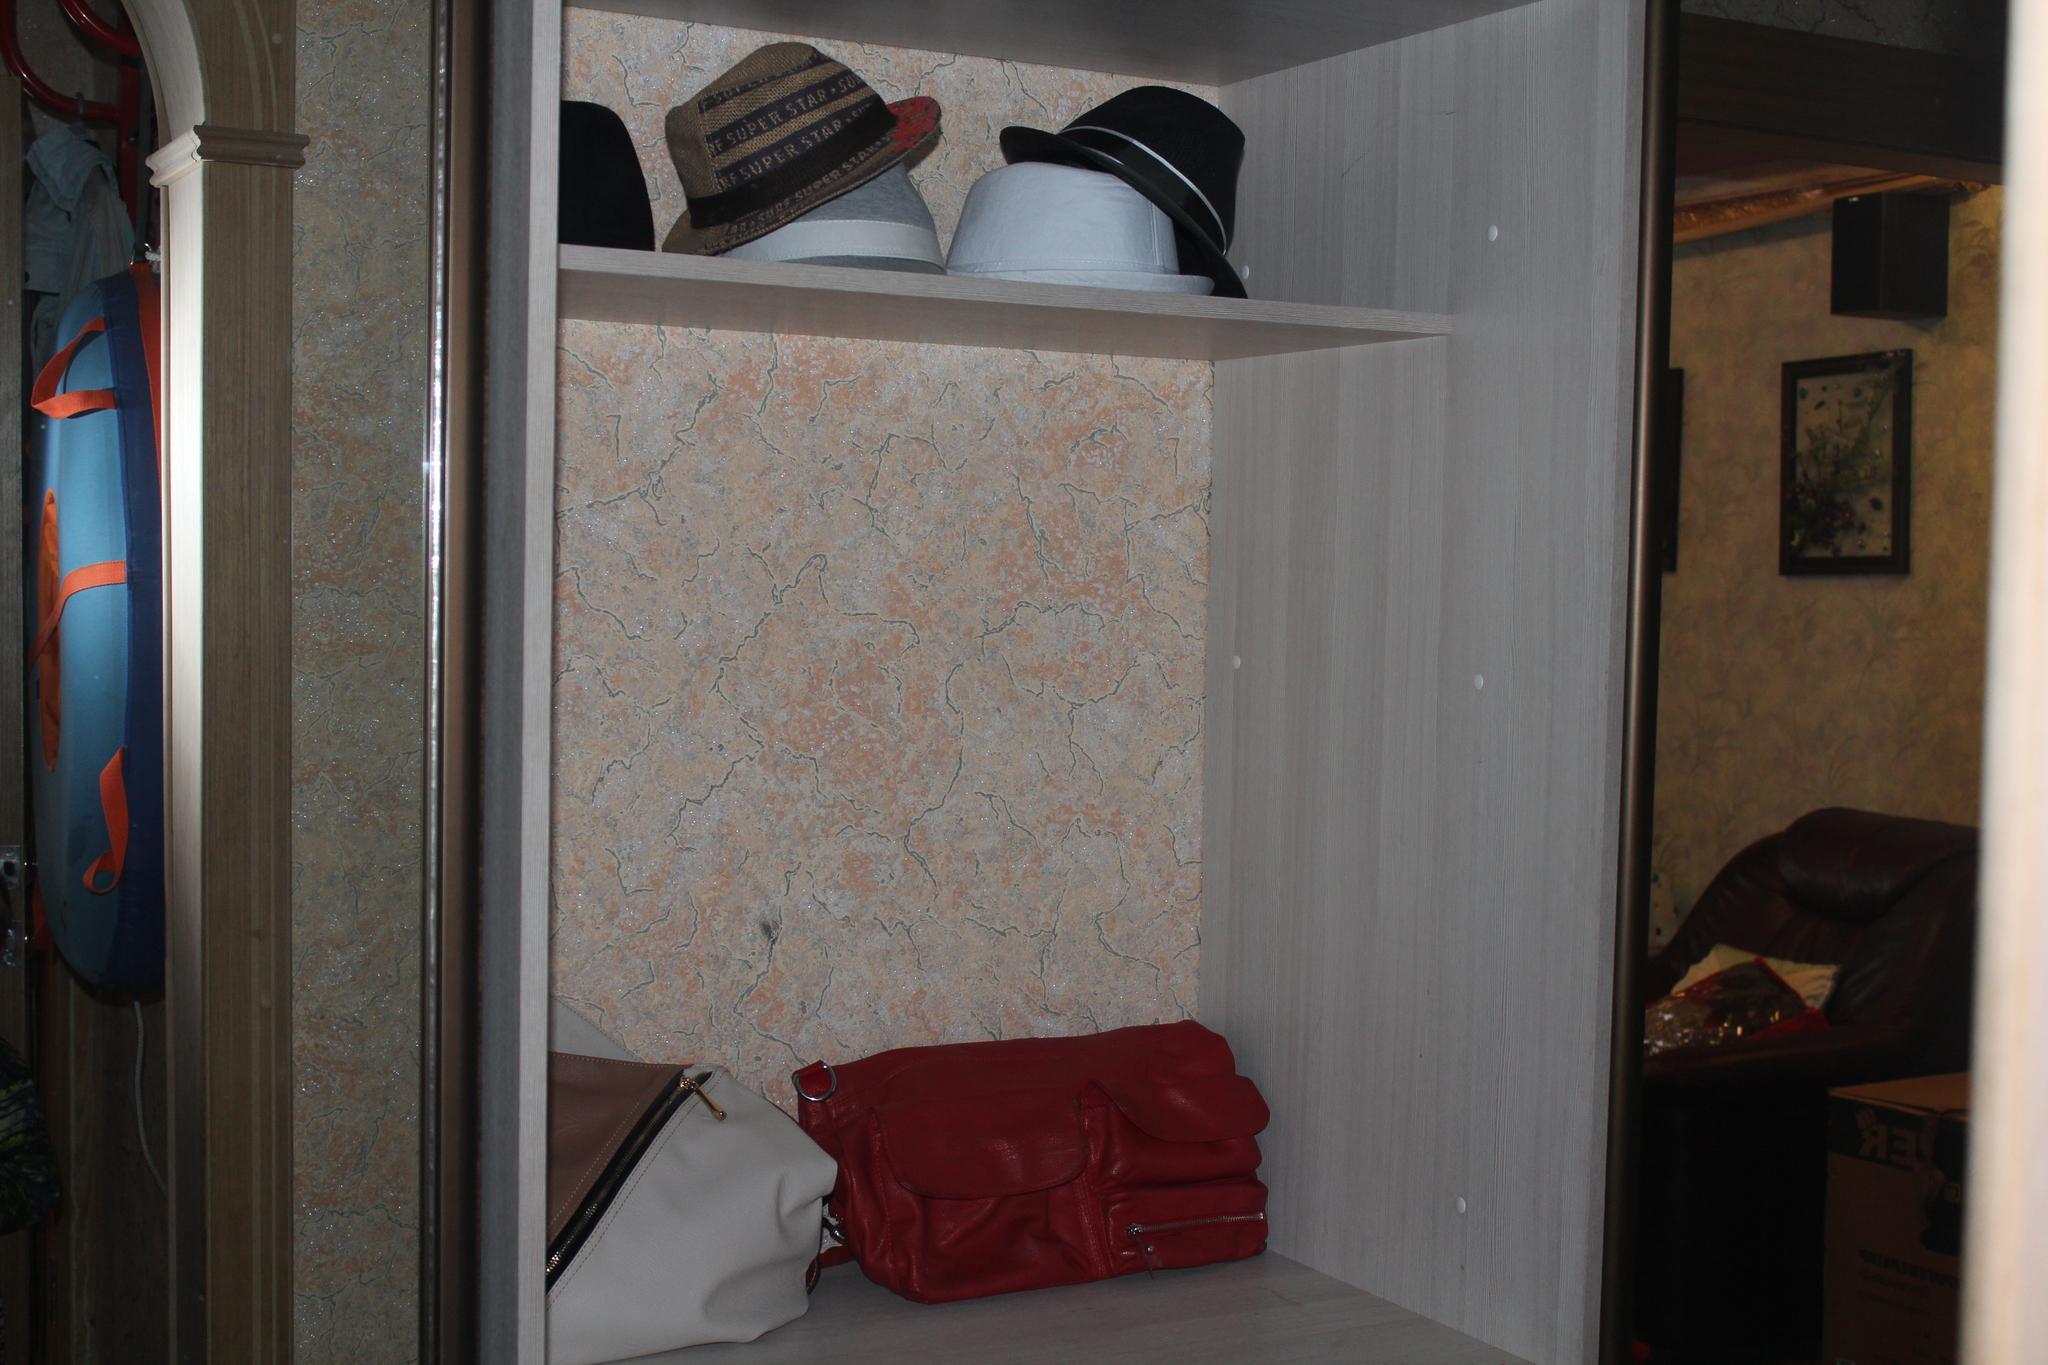 Секс с мамой дома в шкафу